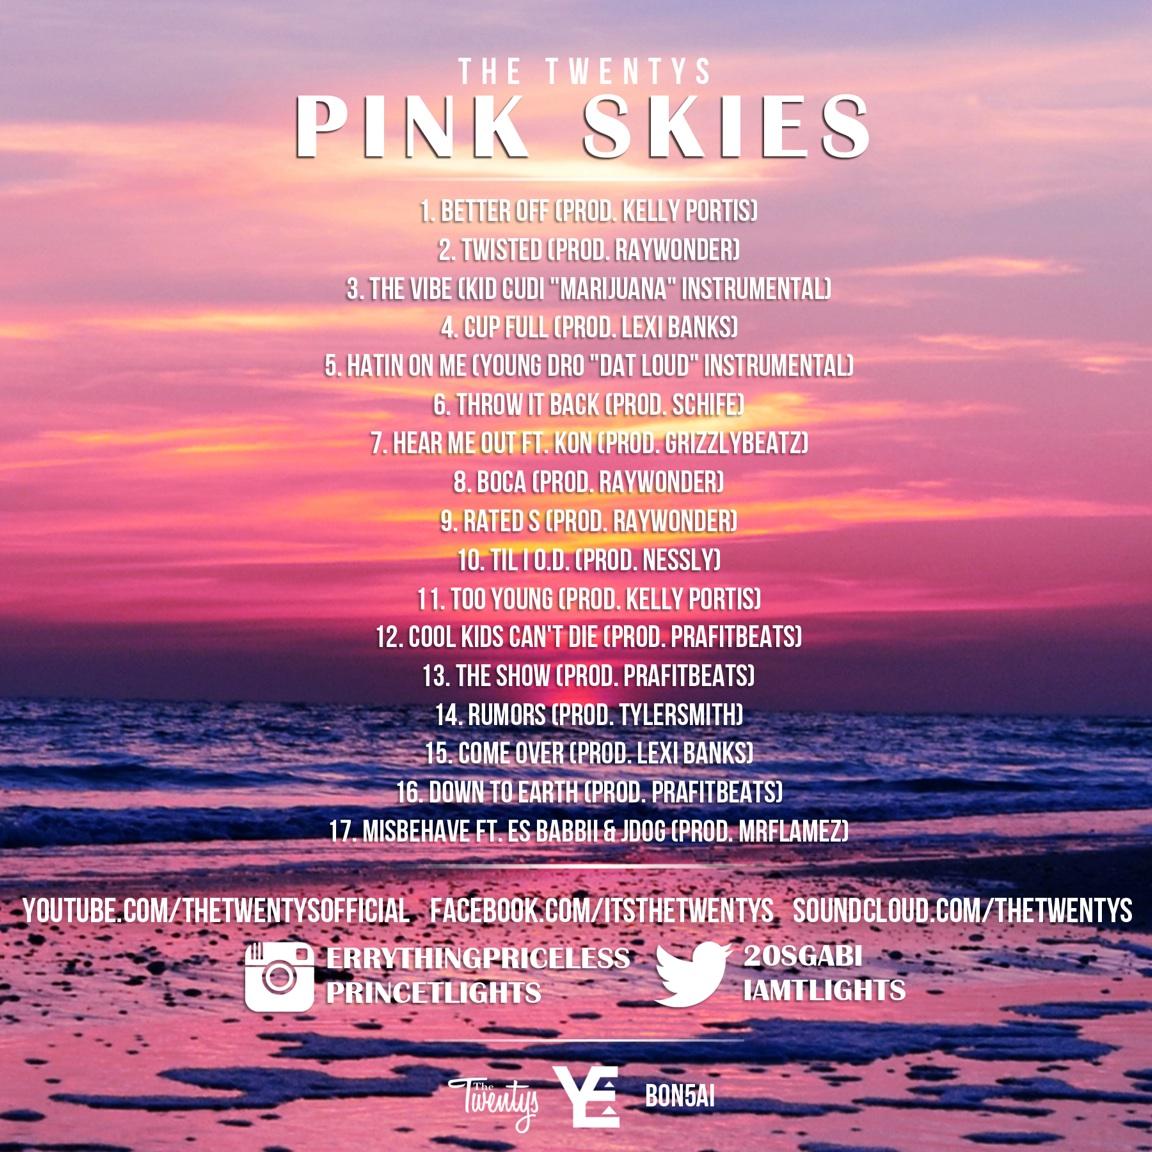 PinkSkiesBackCover.JPG